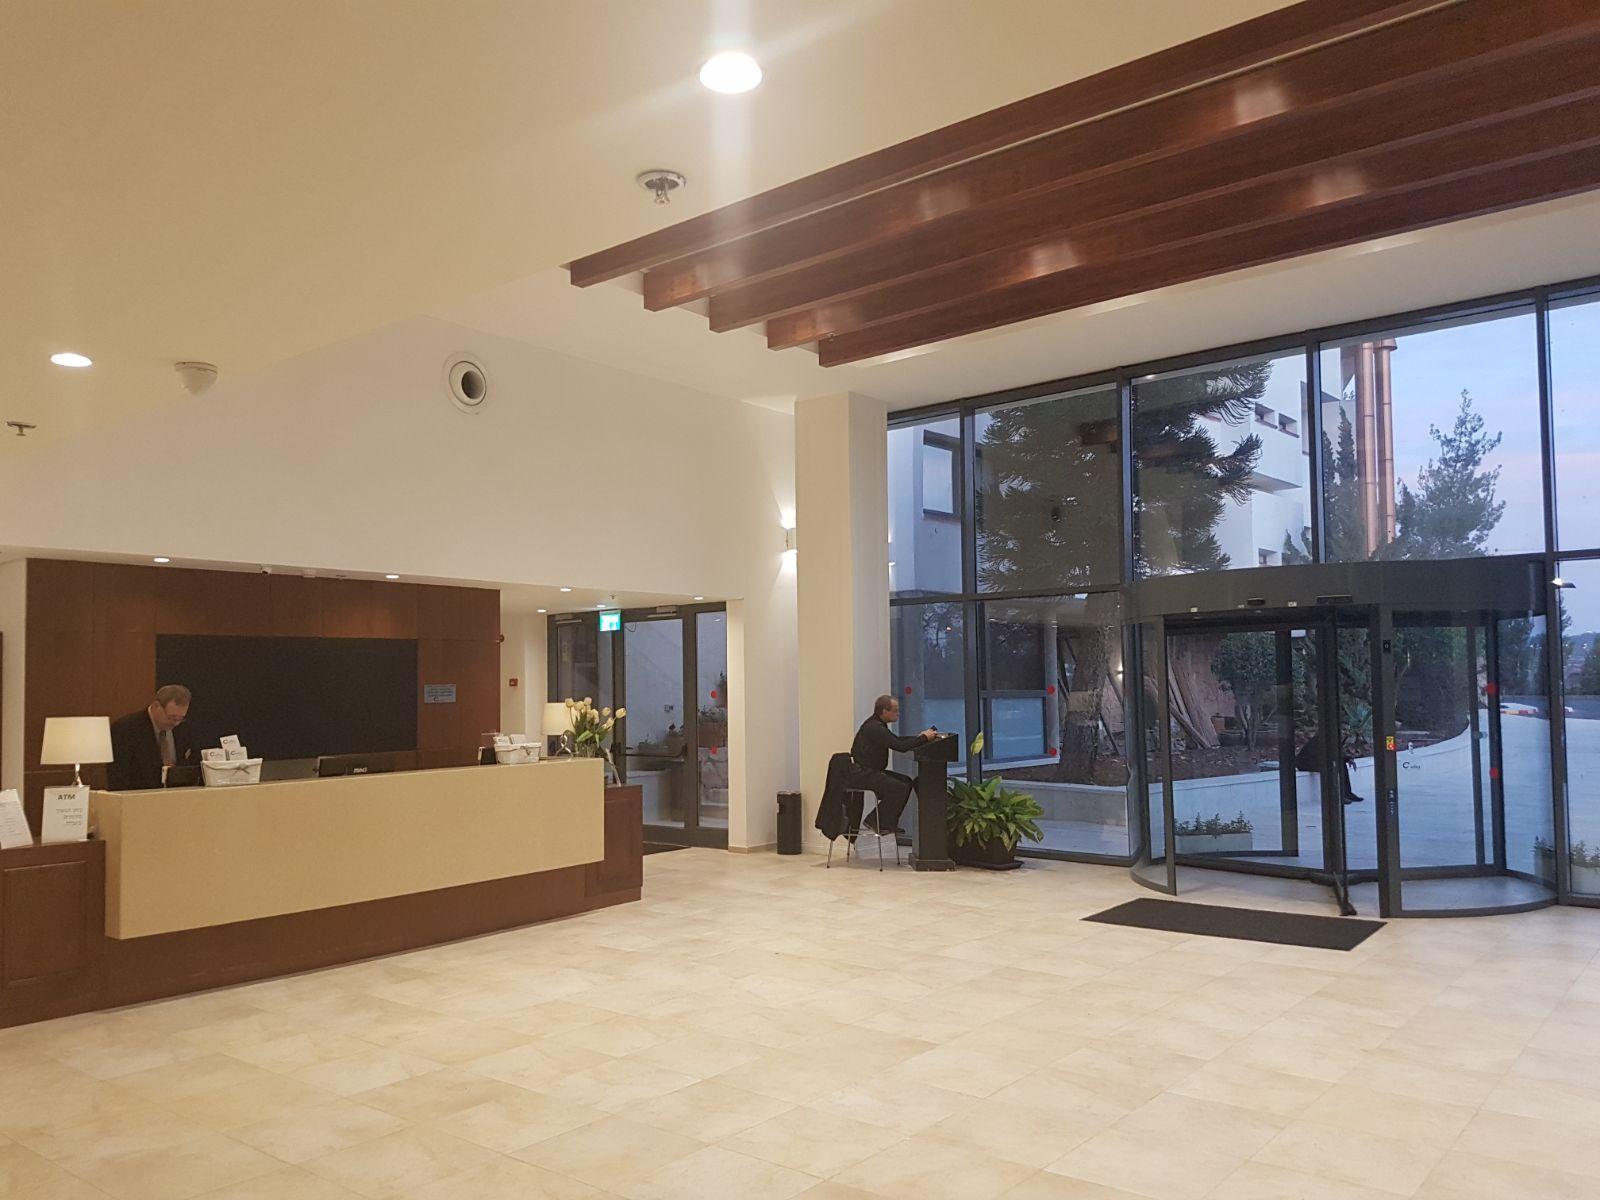 מלון C HOTEL, נווה אילן תמונה מספר 1